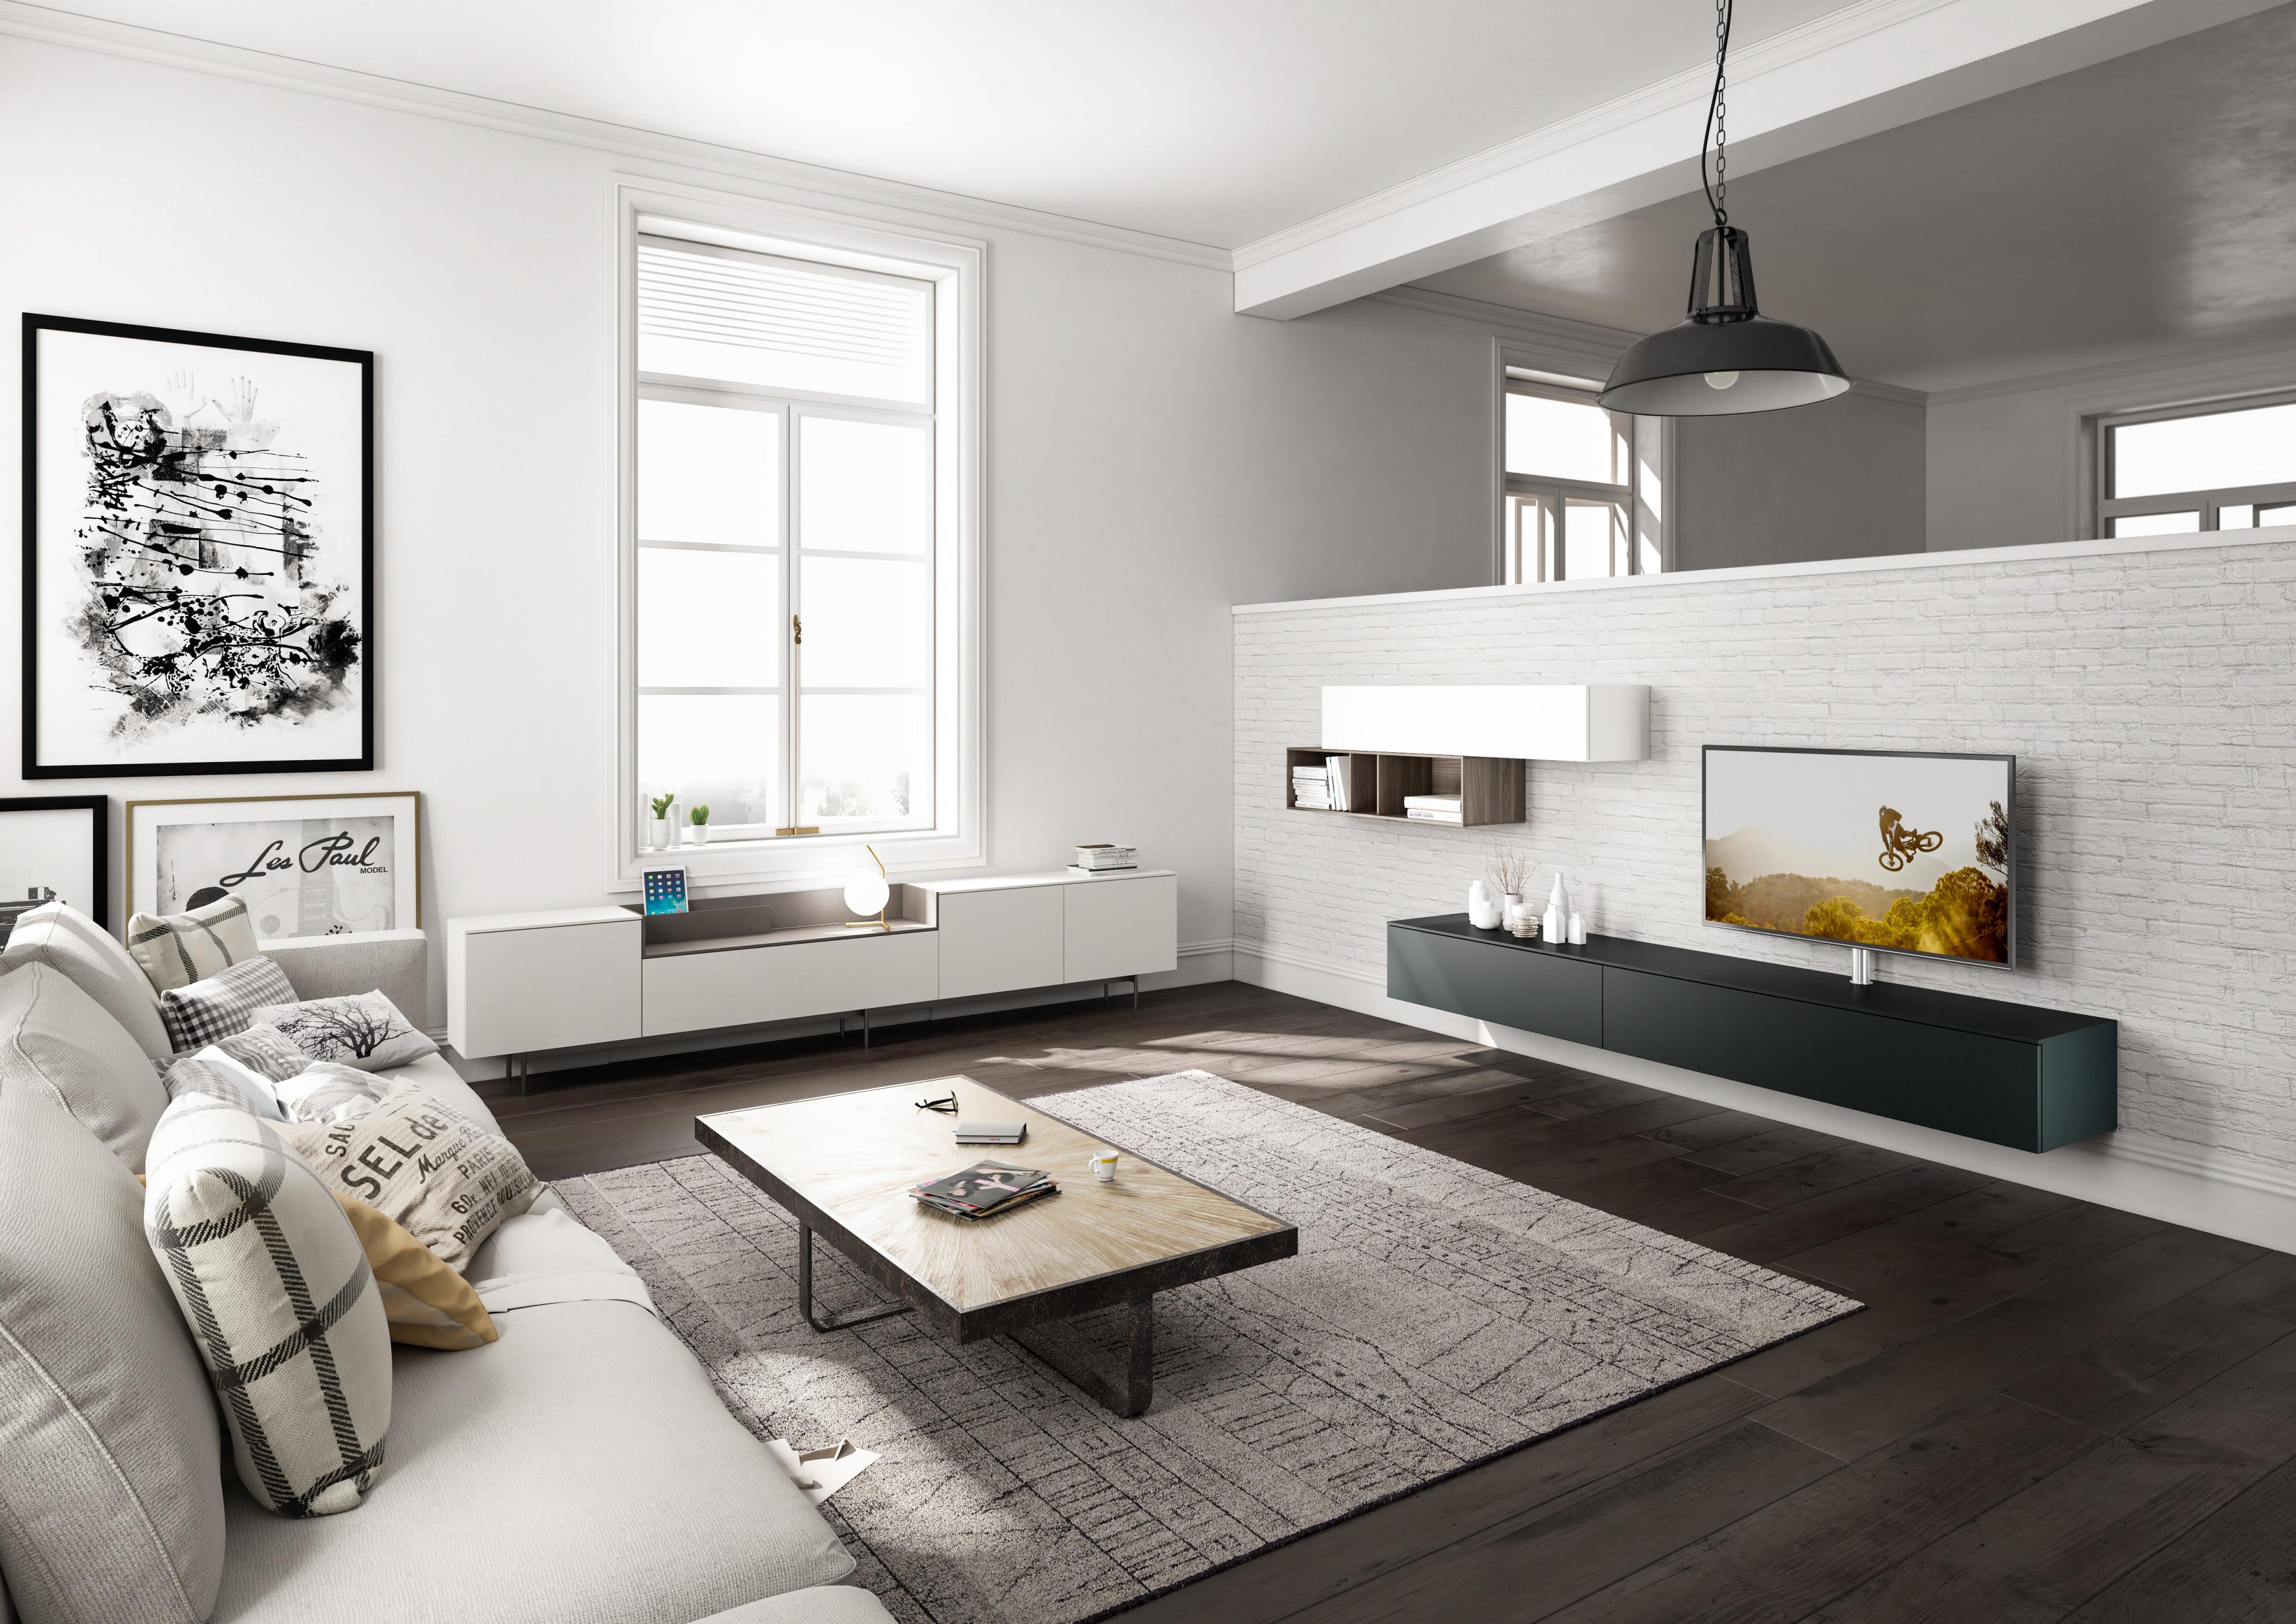 Wohnzimmergestaltung – Die Besten Ideen Tipps  Wohnbeispiele von Längliches Wohnzimmer Einrichten Photo